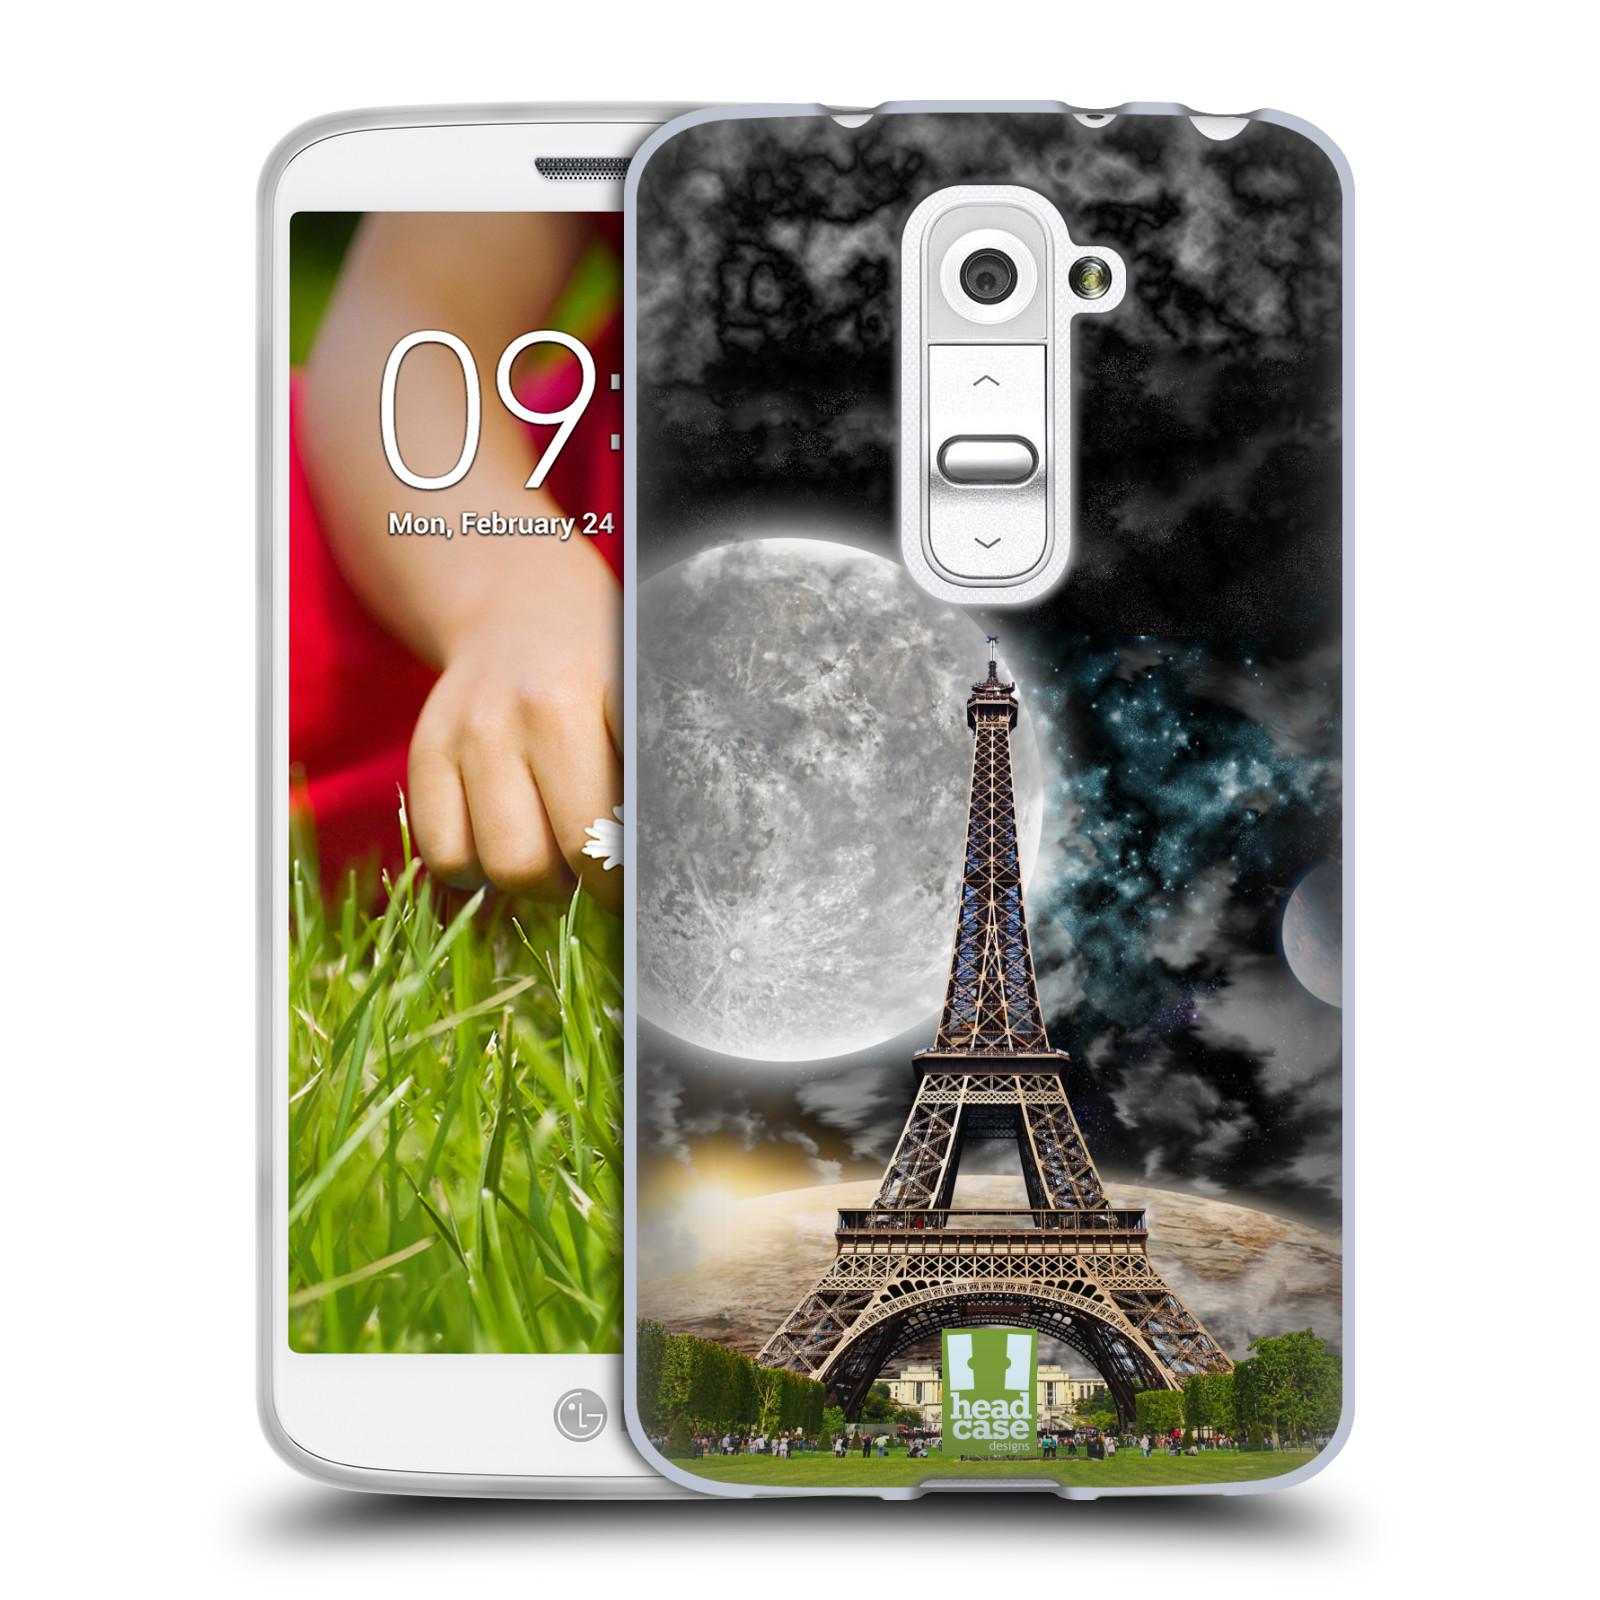 Silikonové pouzdro na mobil LG G2 Mini Head Case - Měsíční aifelovka (Silikonový kryt či obal na mobilní telefon s motivem aifelovky pro LG G2 Mini D620)